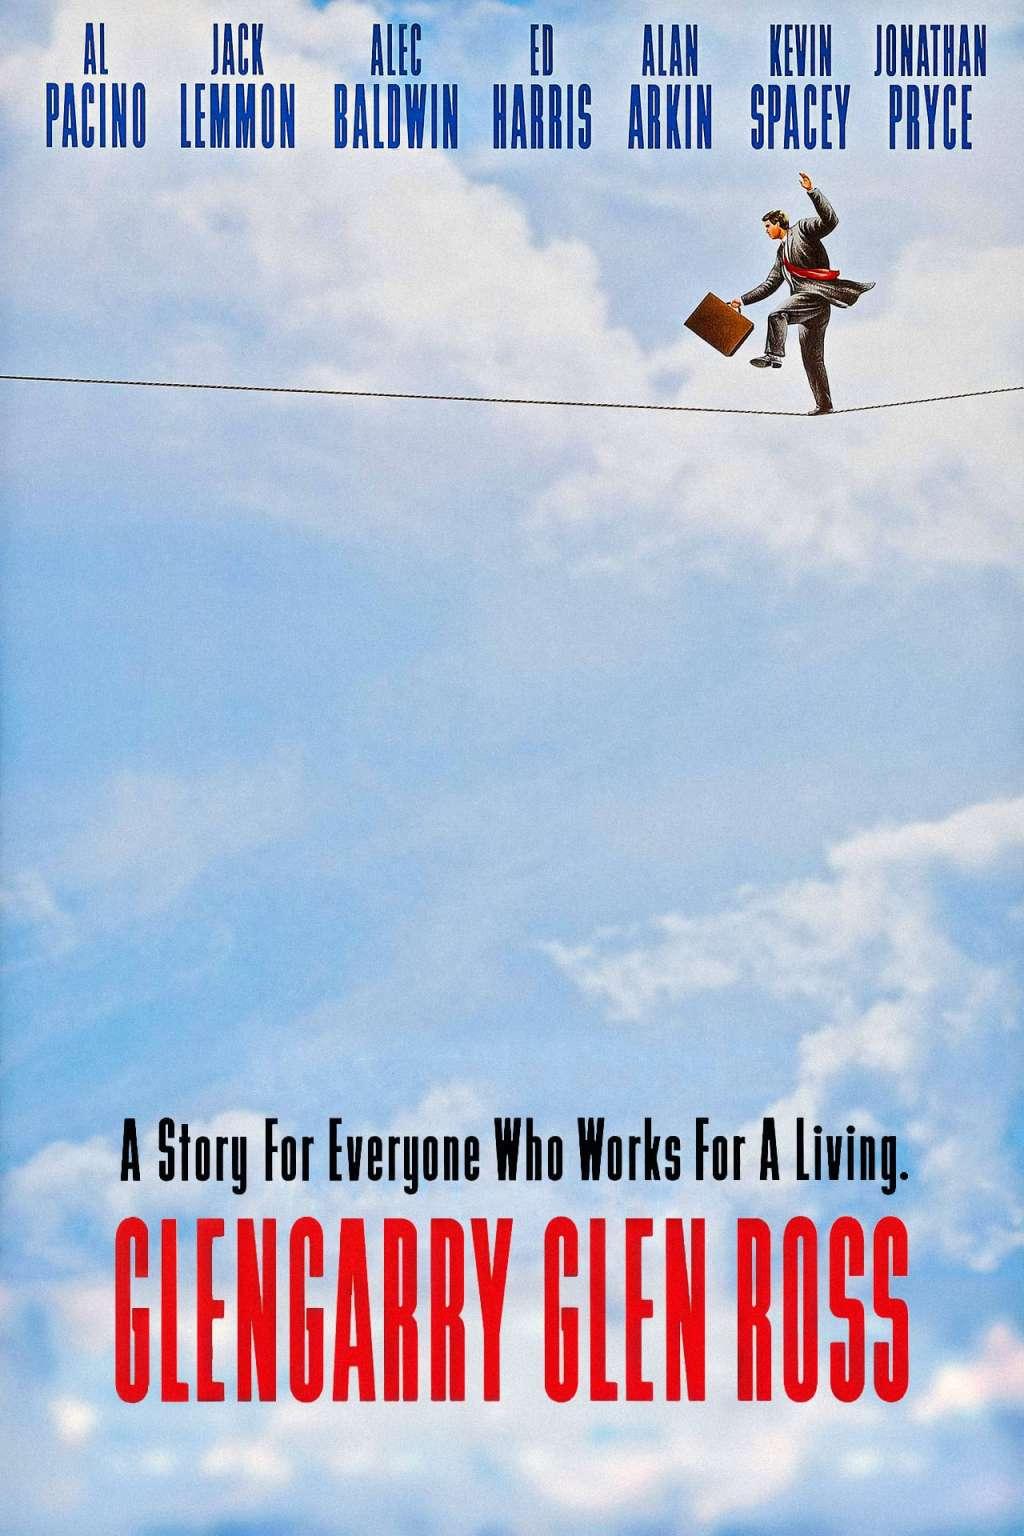 Glengarry Glen Ross kapak